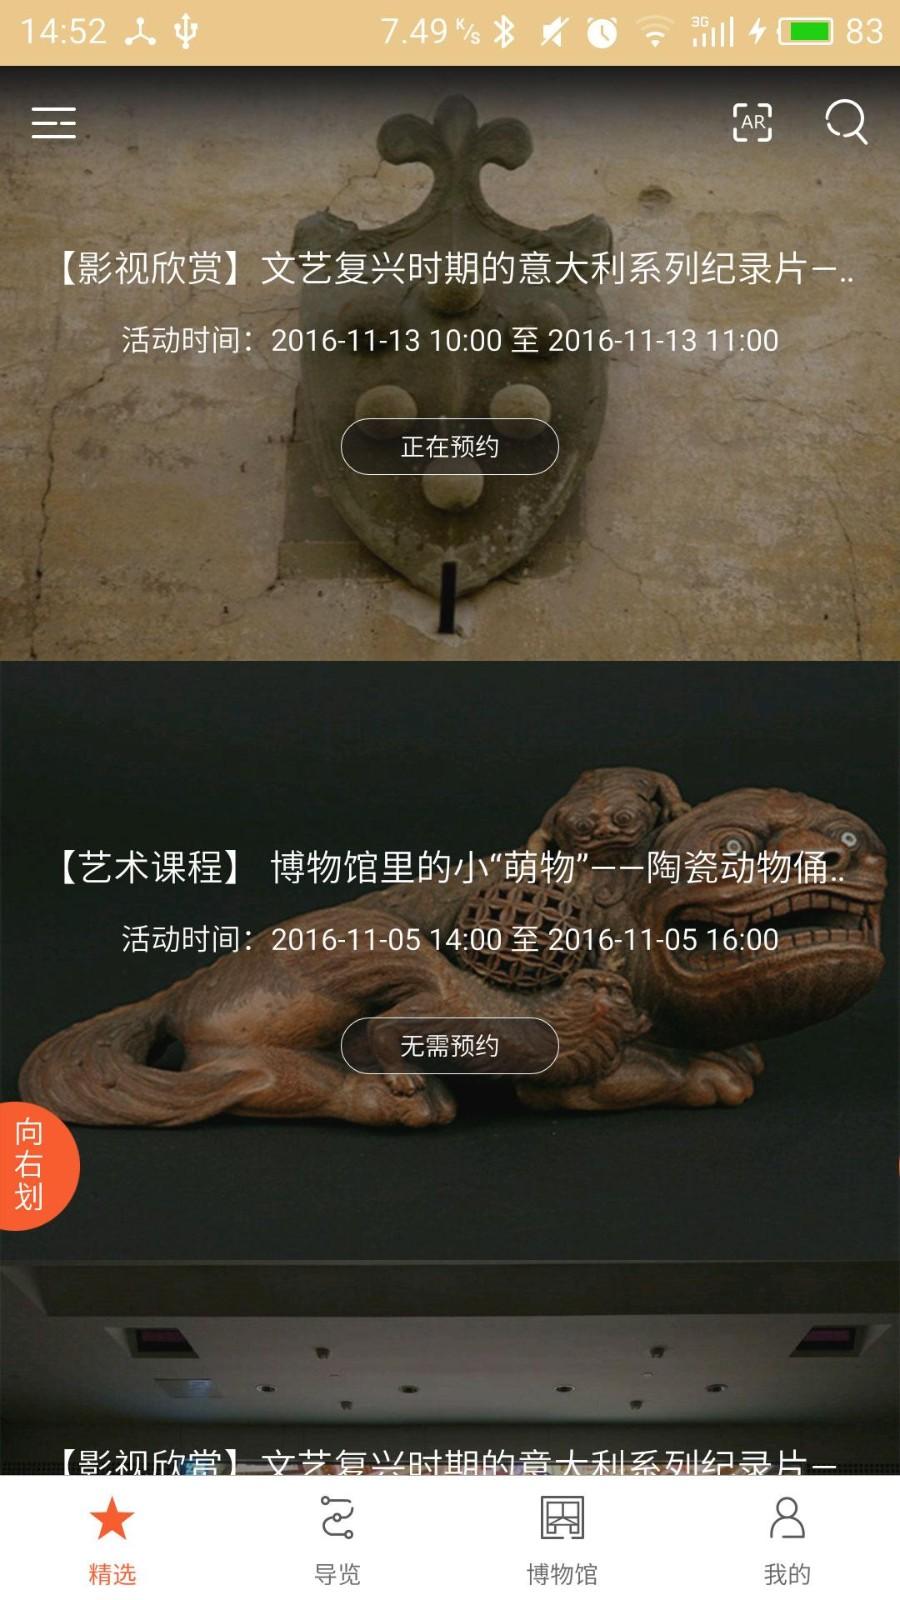 苏州博物馆截图1